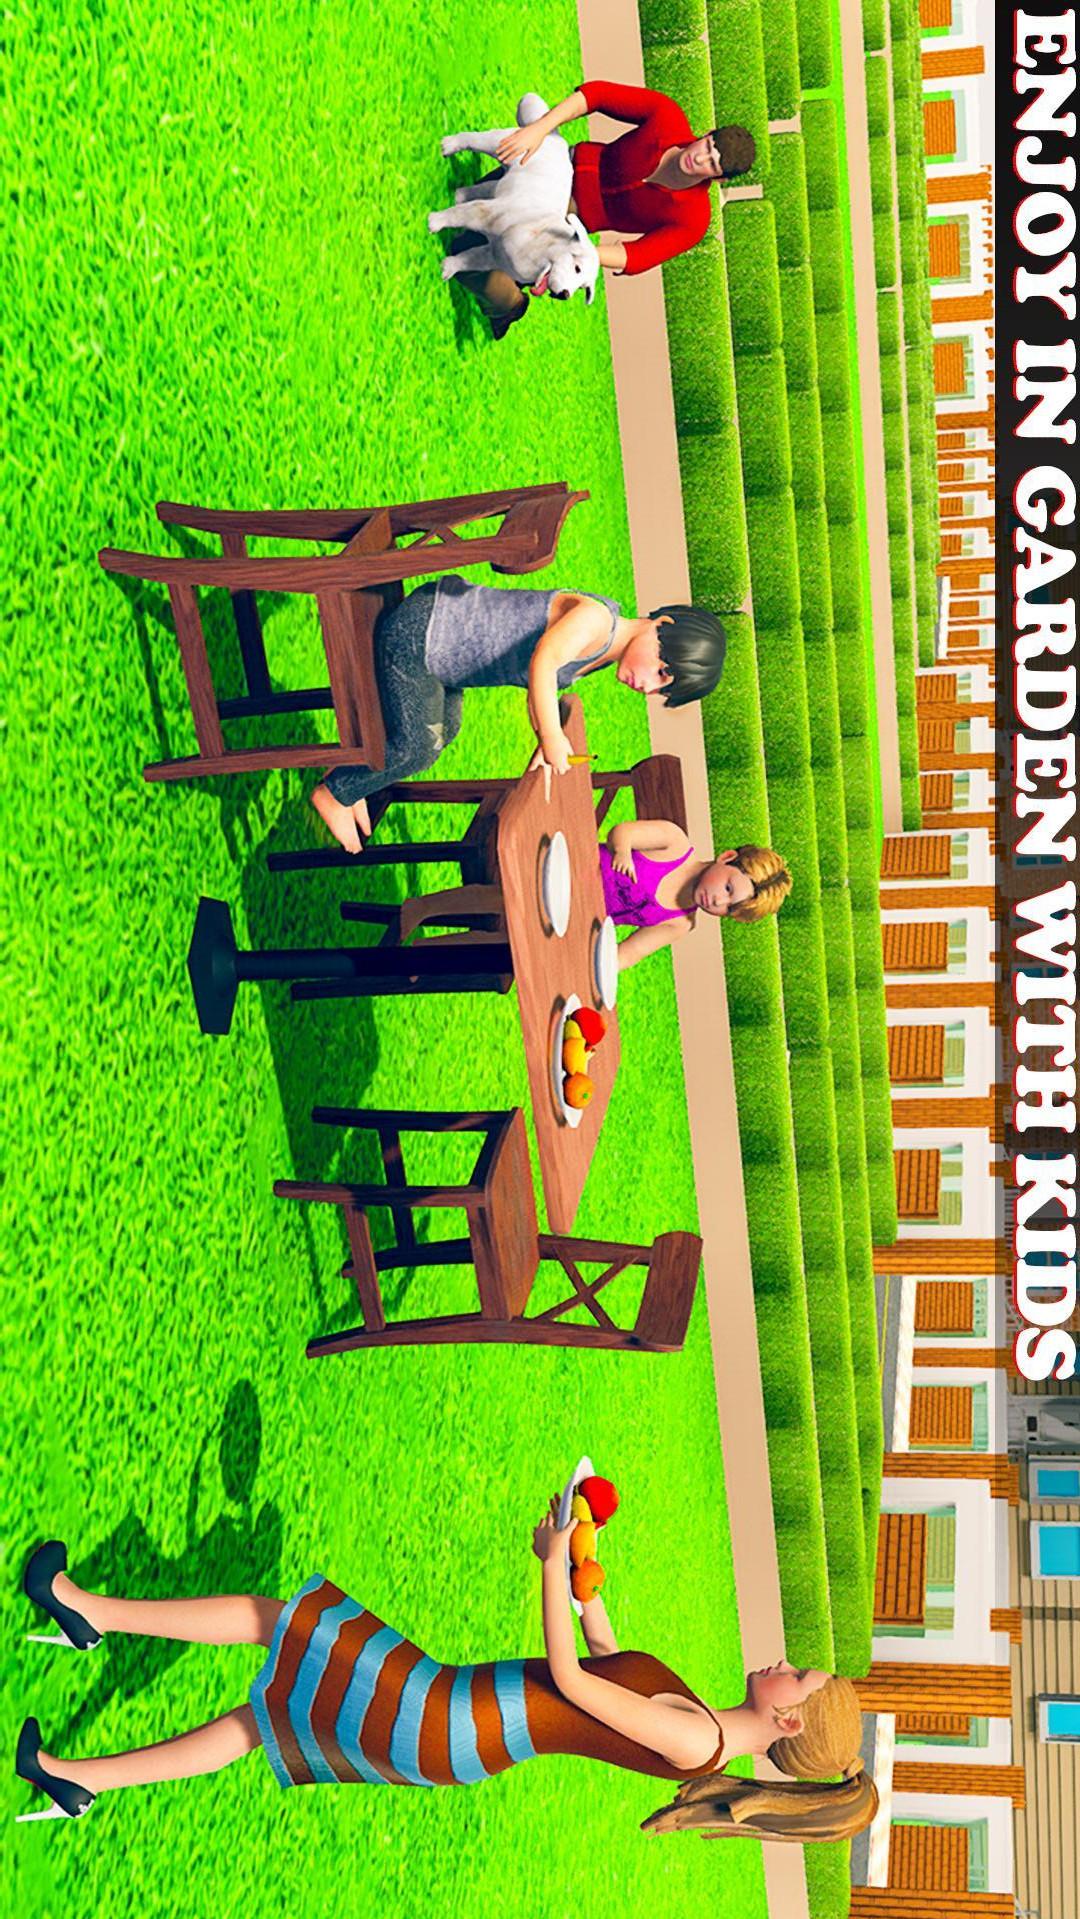 母亲模拟器手游最新版游戏截图